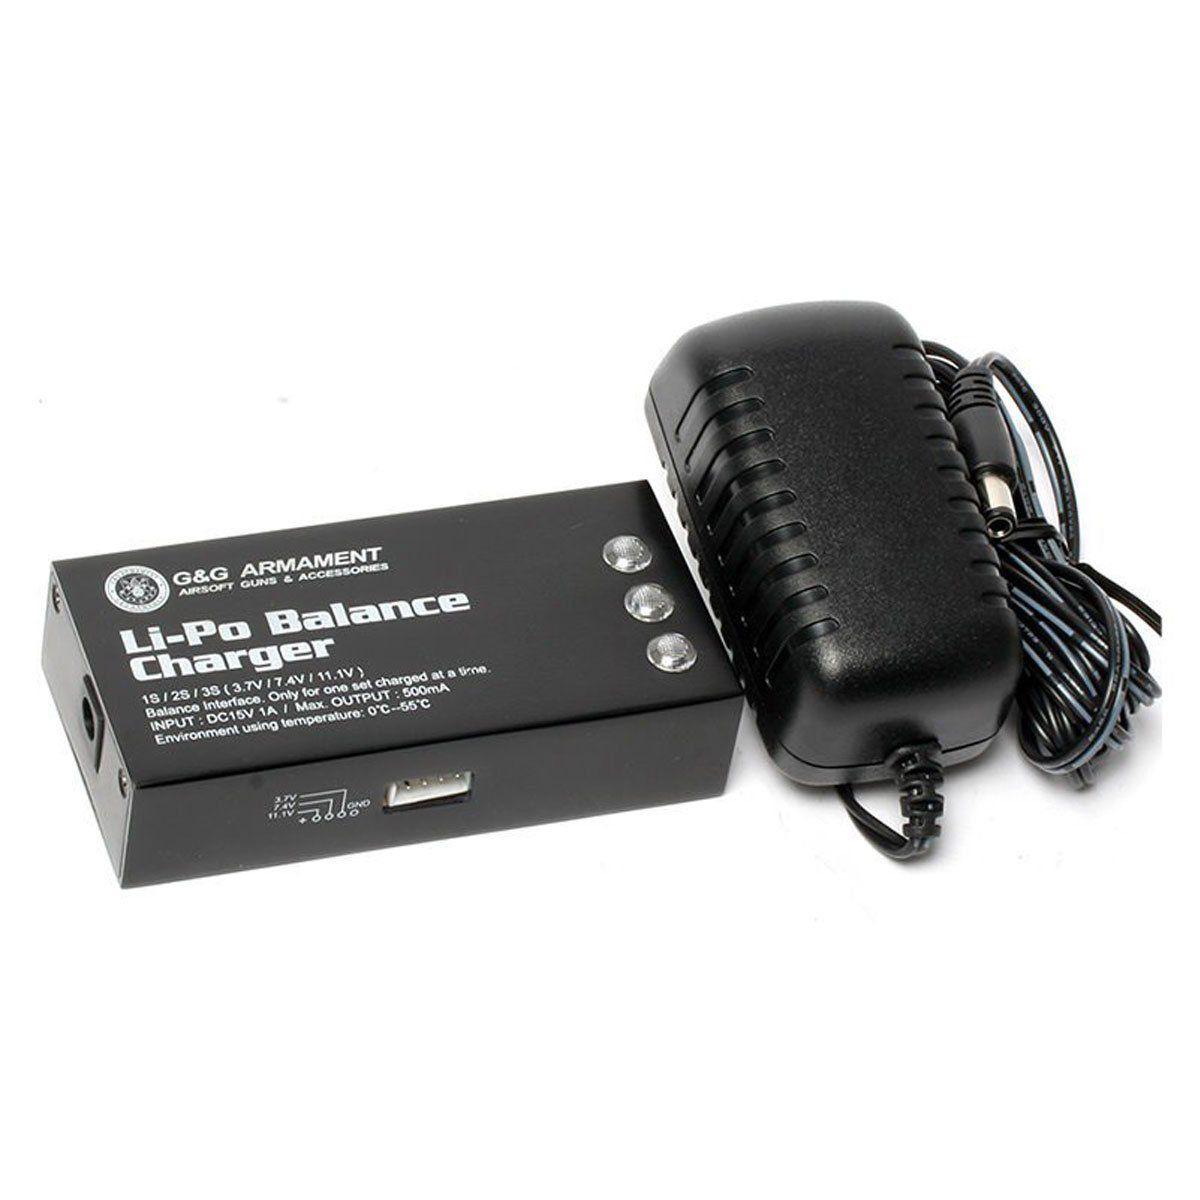 Carregador Balanceador para Baterias Li-Po G&G